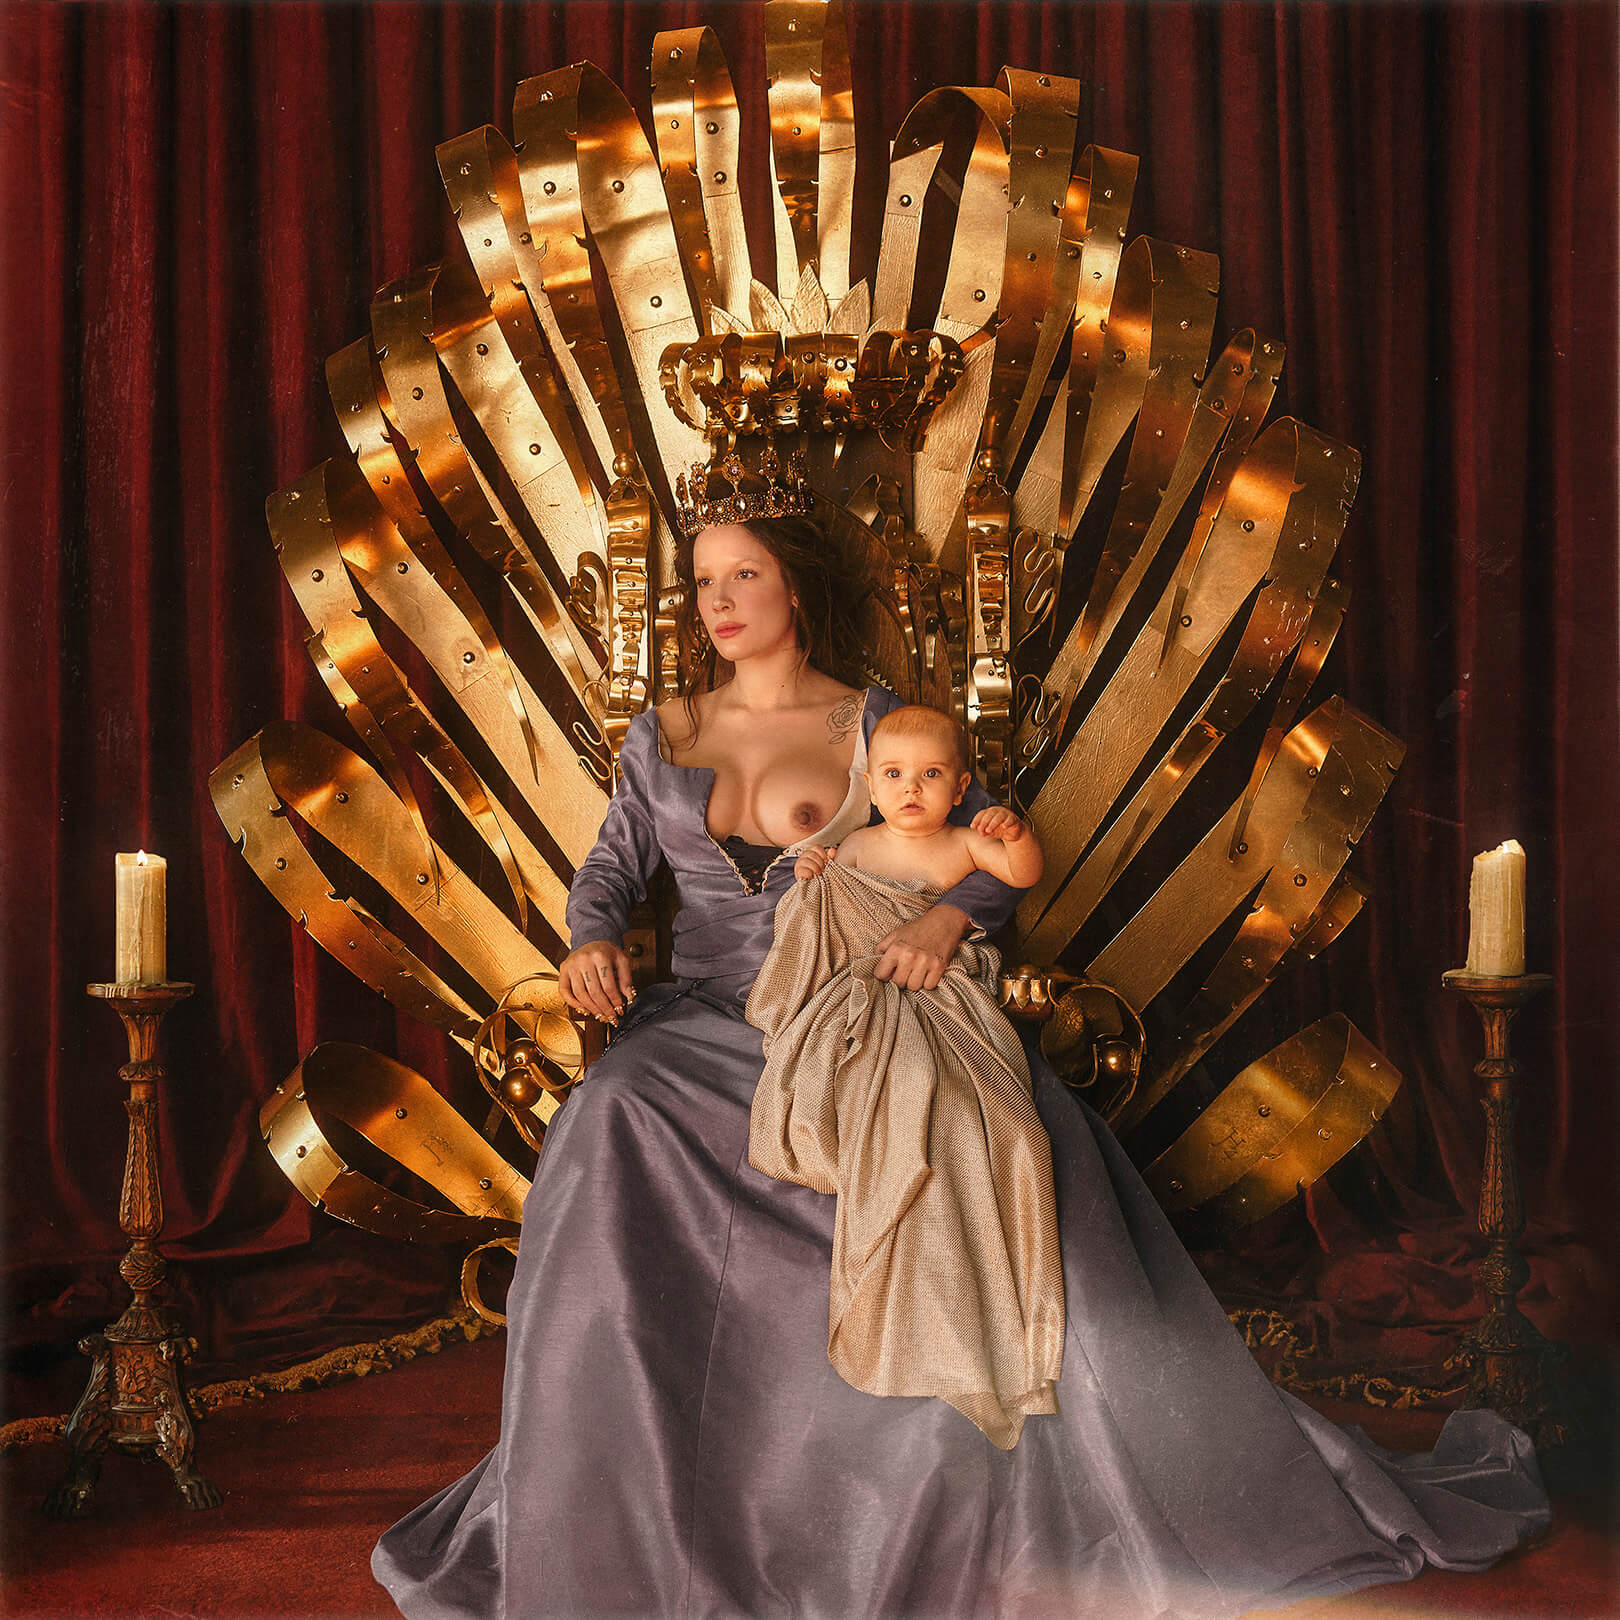 Capa do álbum If I Can't Have Love, I Want Power da cantora Halsey. Na frente de um fundo de cortinas vermelhas, Halsey se senta sobre um trono dourado. Ela olha para o lado esquerdo com serenidade. Seu cabelo é castanho e está preso para trás. Em sua cabeça, ela usa uma grande coroa de ouro. Ela veste um longo vestido azul e seu seio direito está exposto. Em seu colo, um bebê olha para a frente.